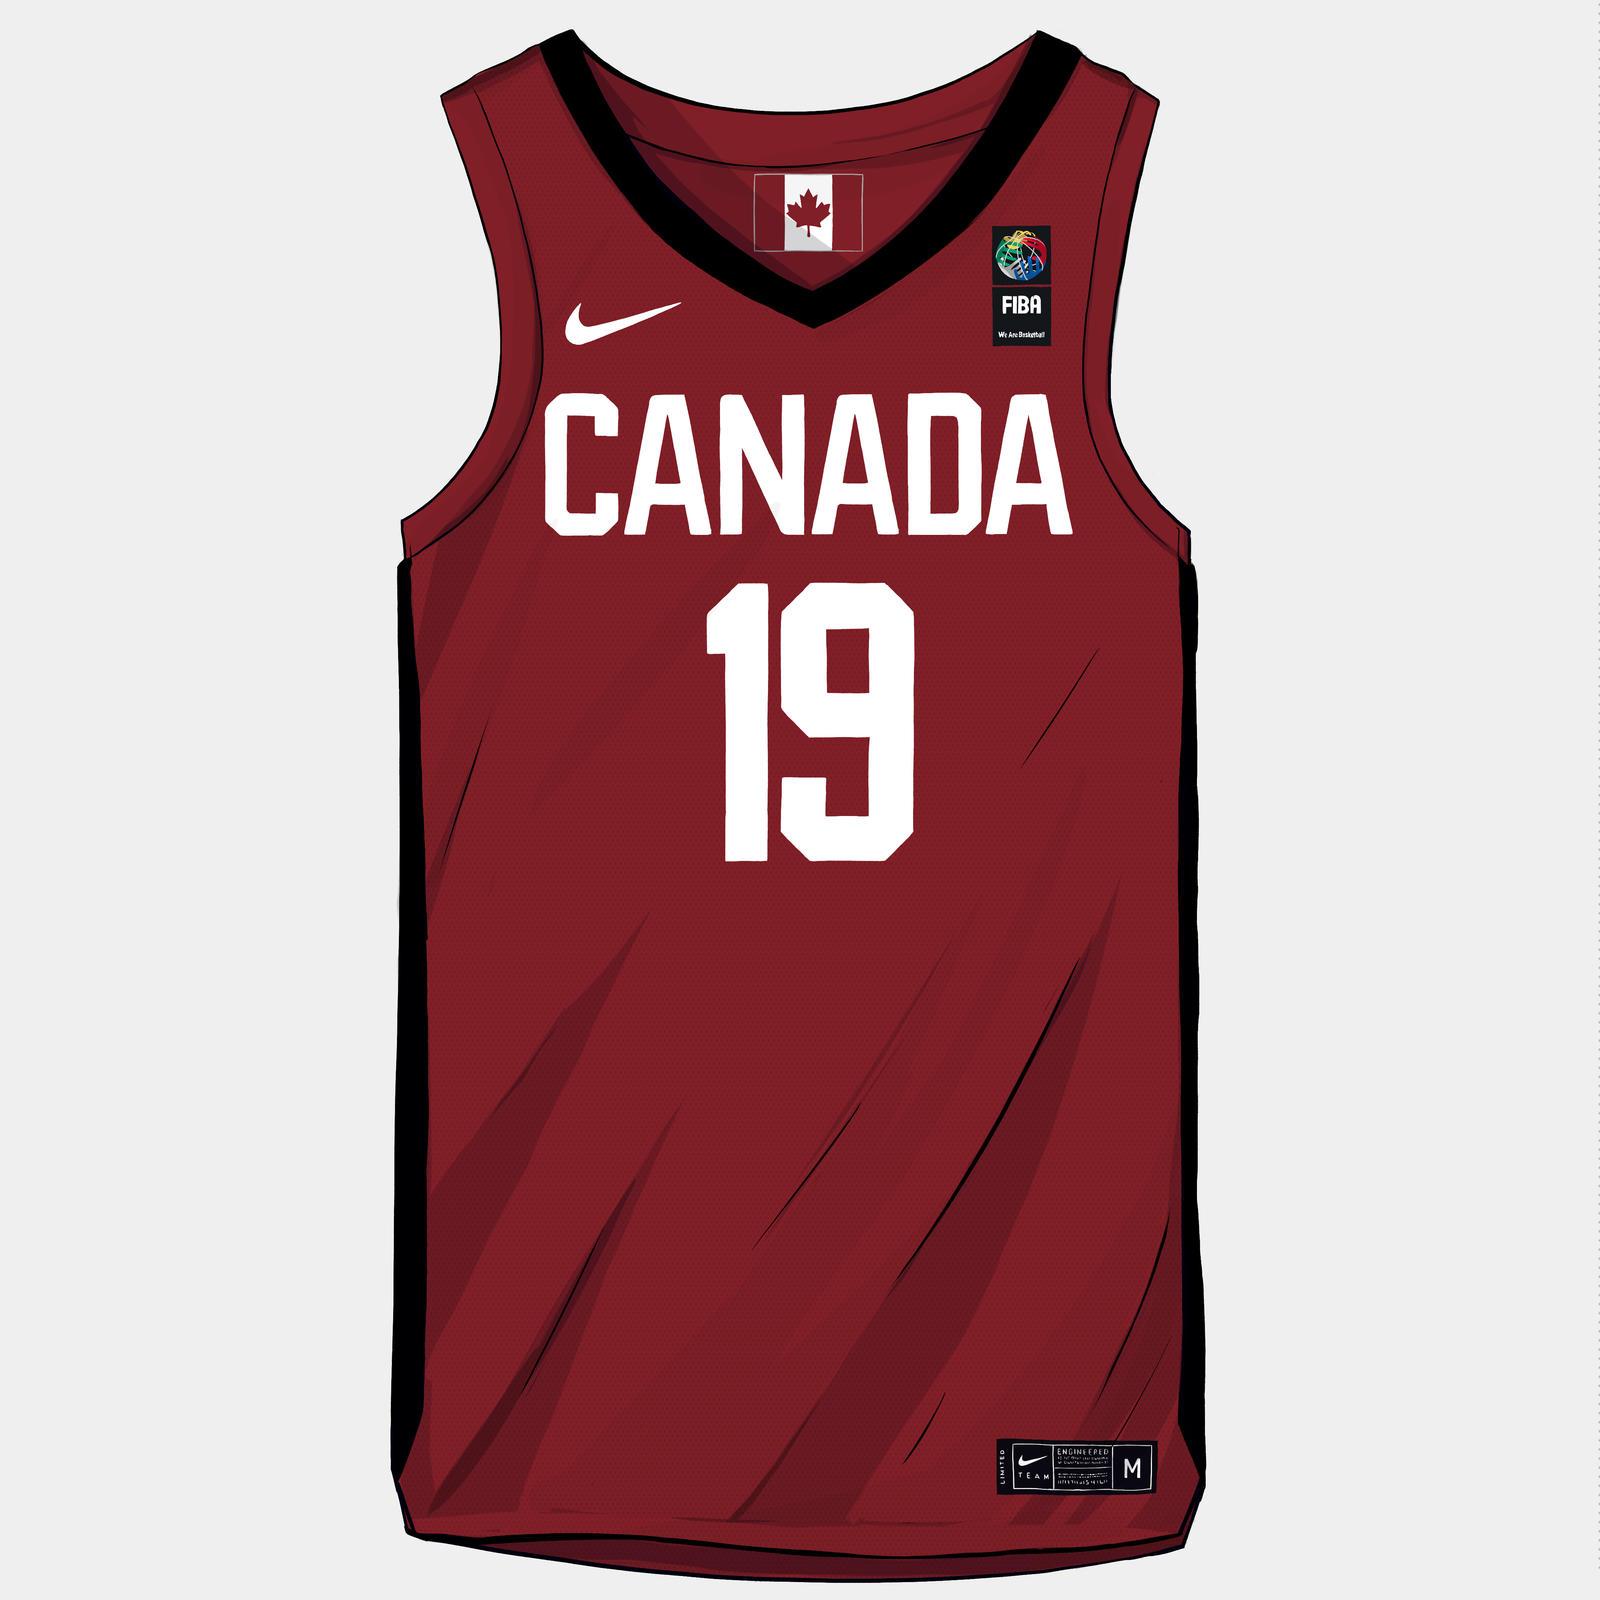 Nike and Jordan Brand Basketball